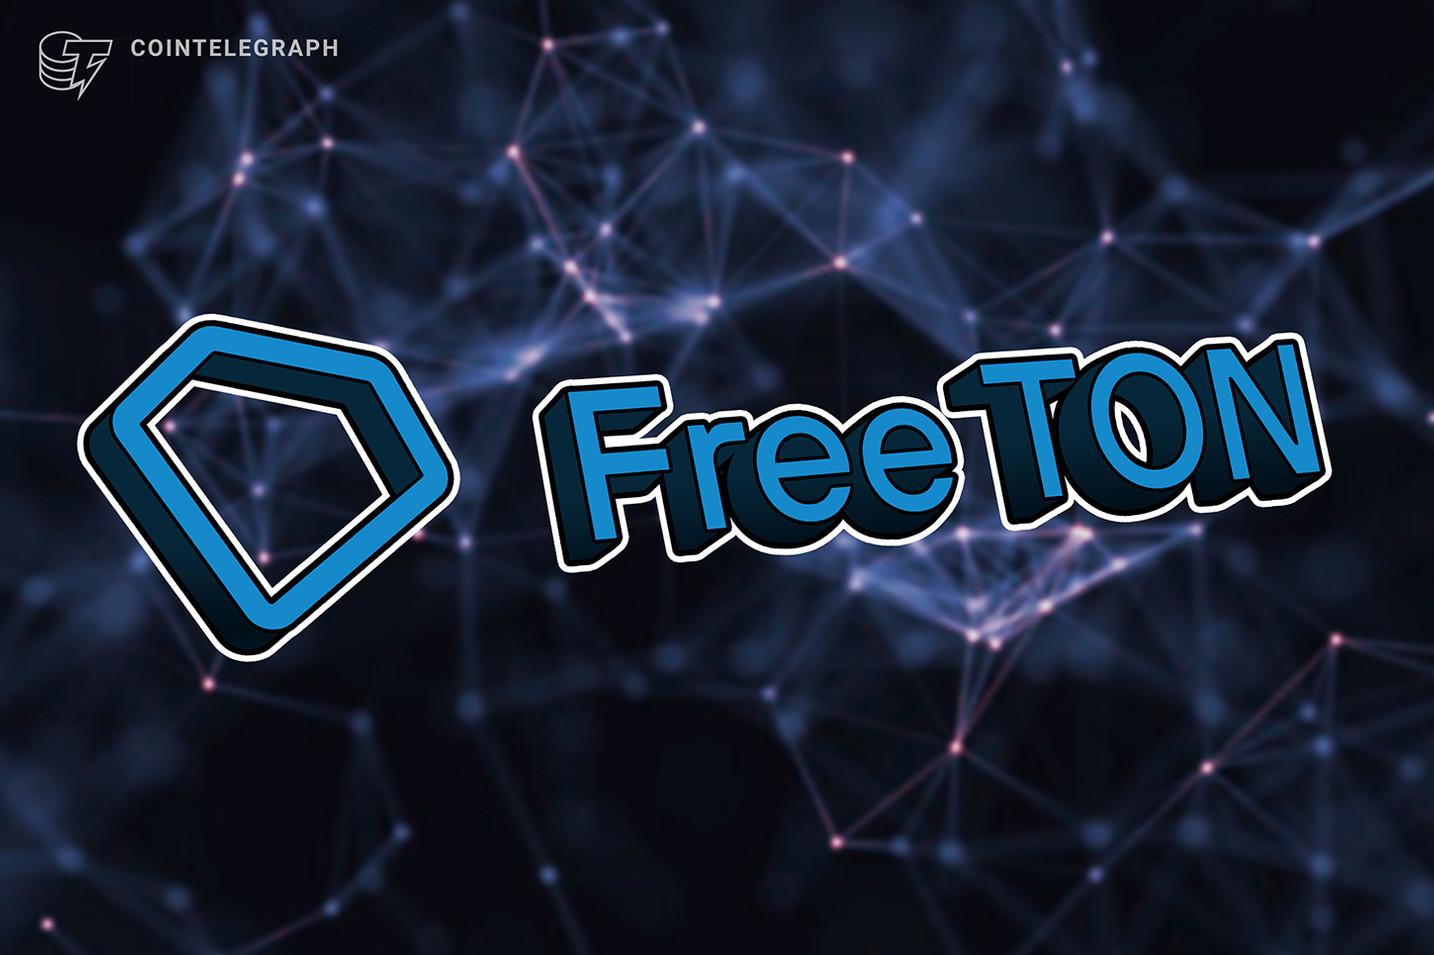 基于Free TON的DEX交易成本远低于Uniswap